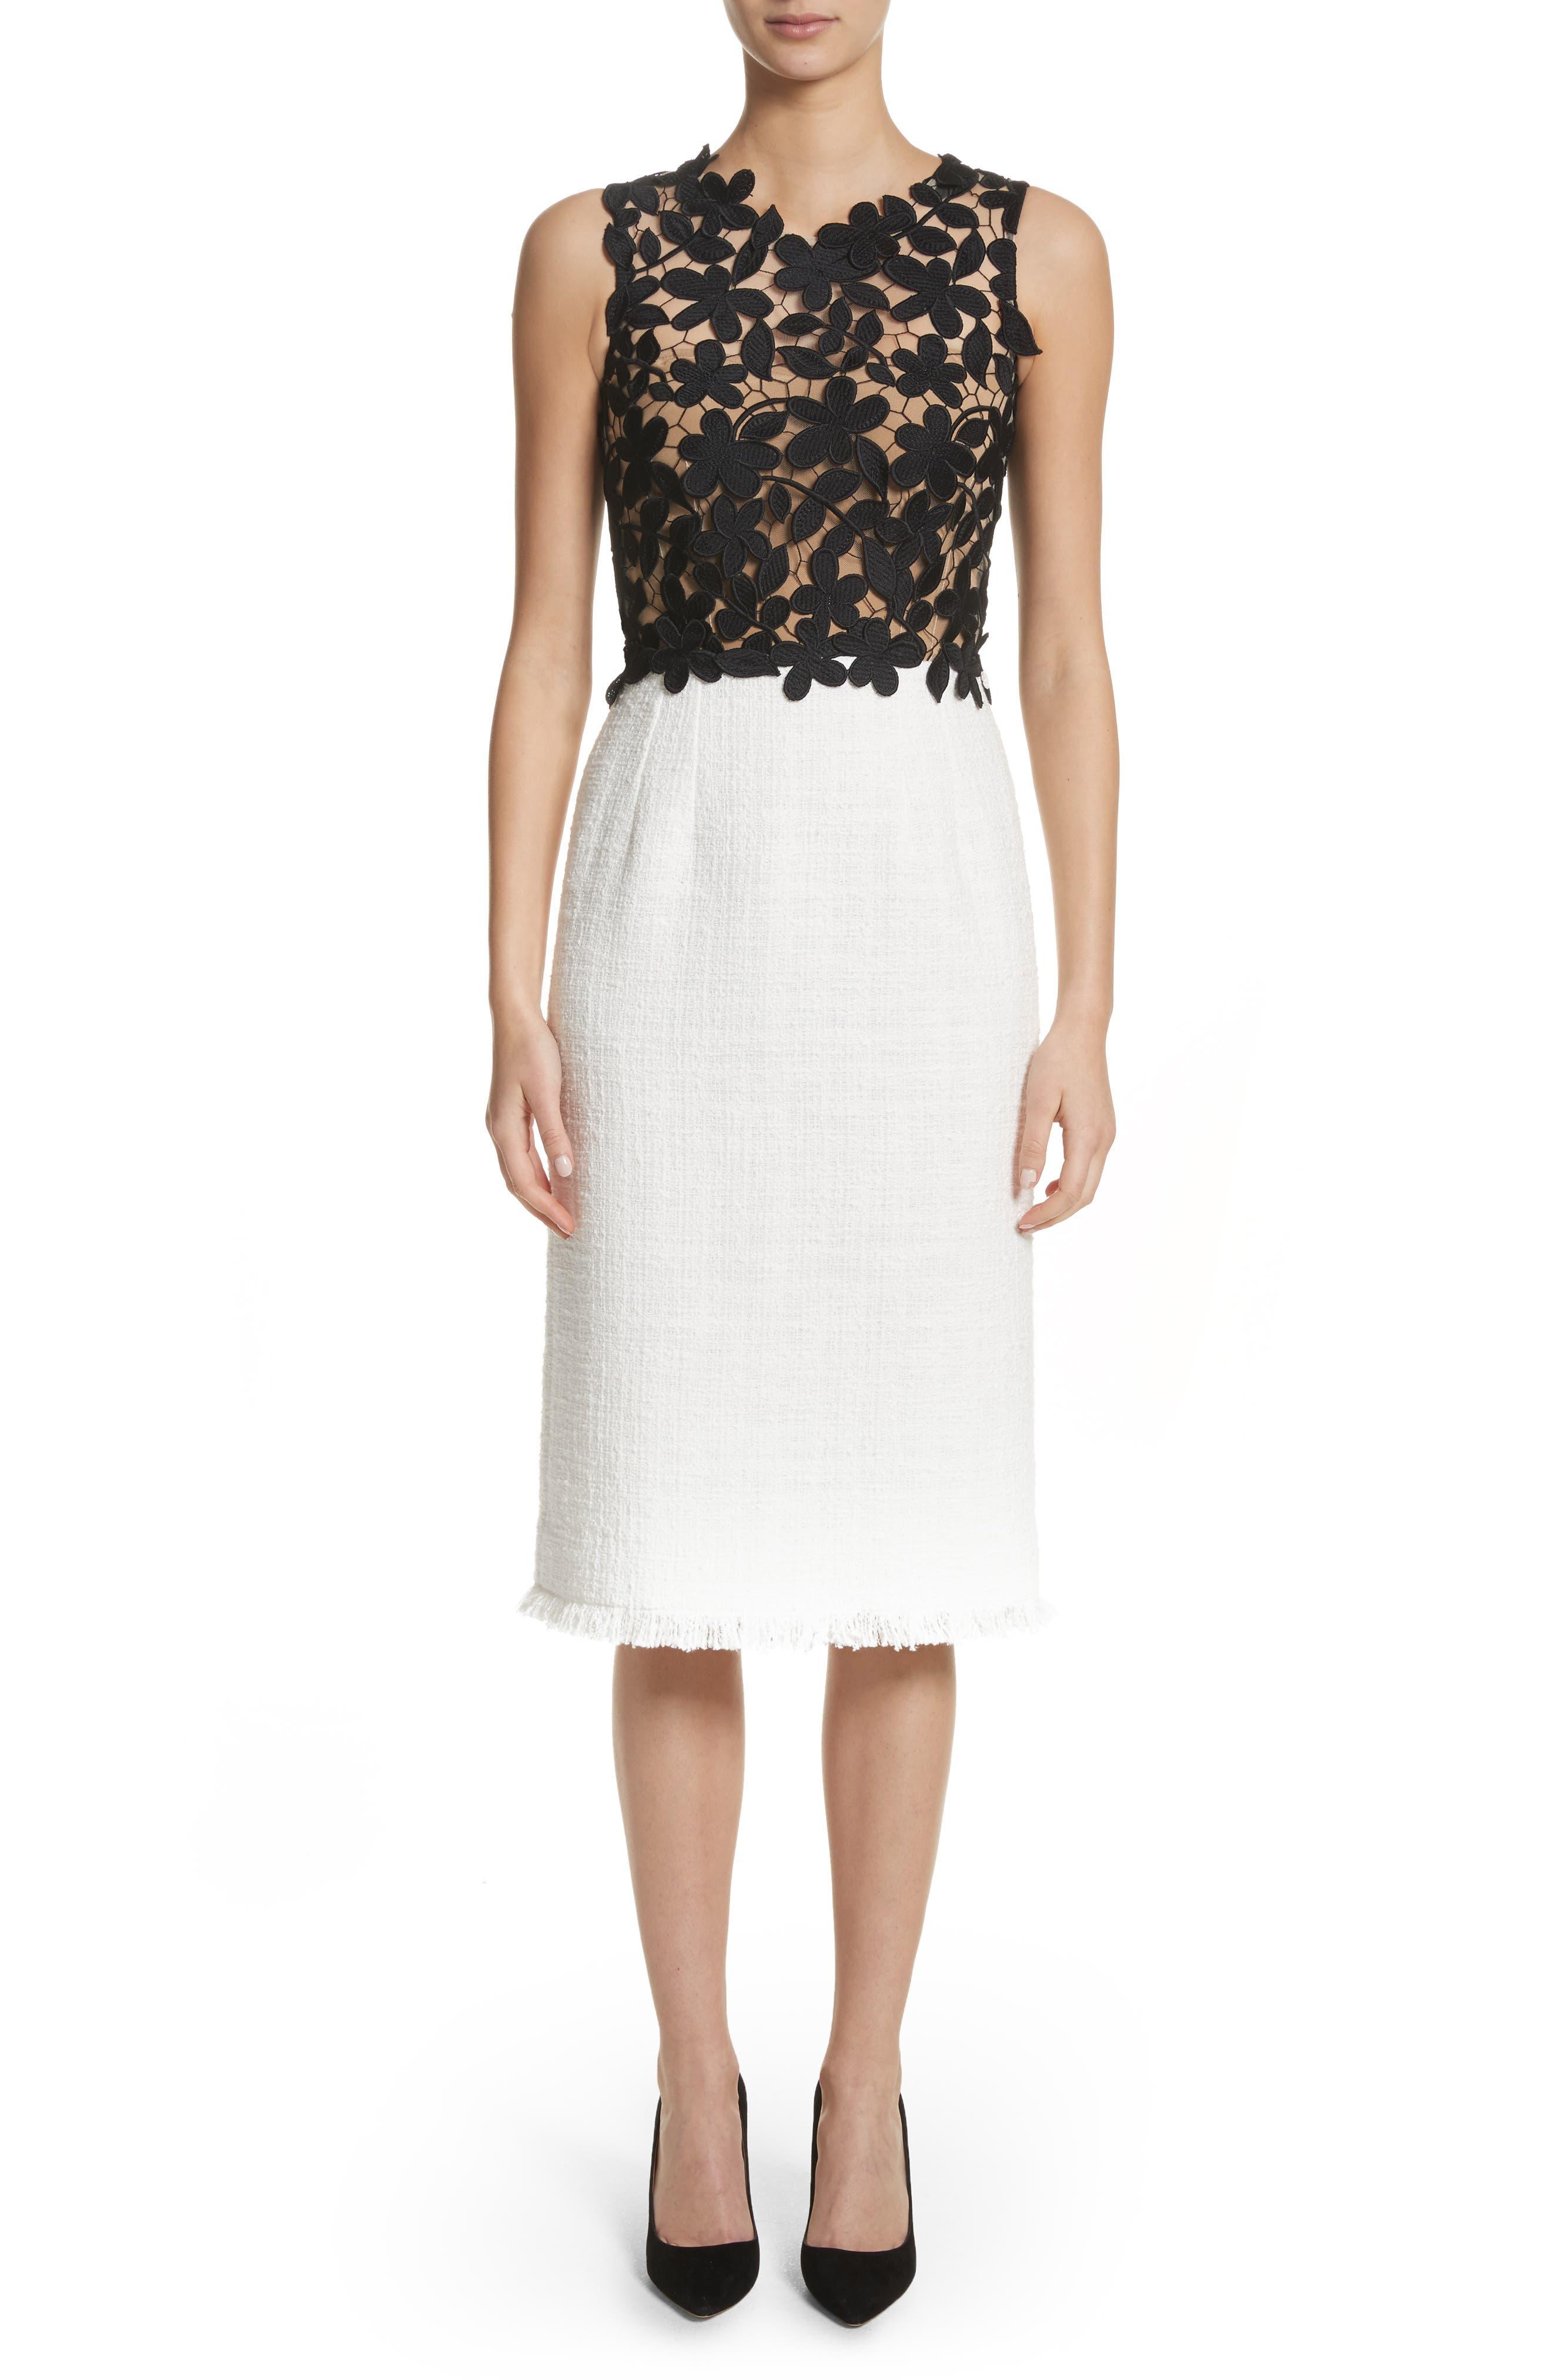 Oscar de la Renta Lace Bodice Sheath Dress